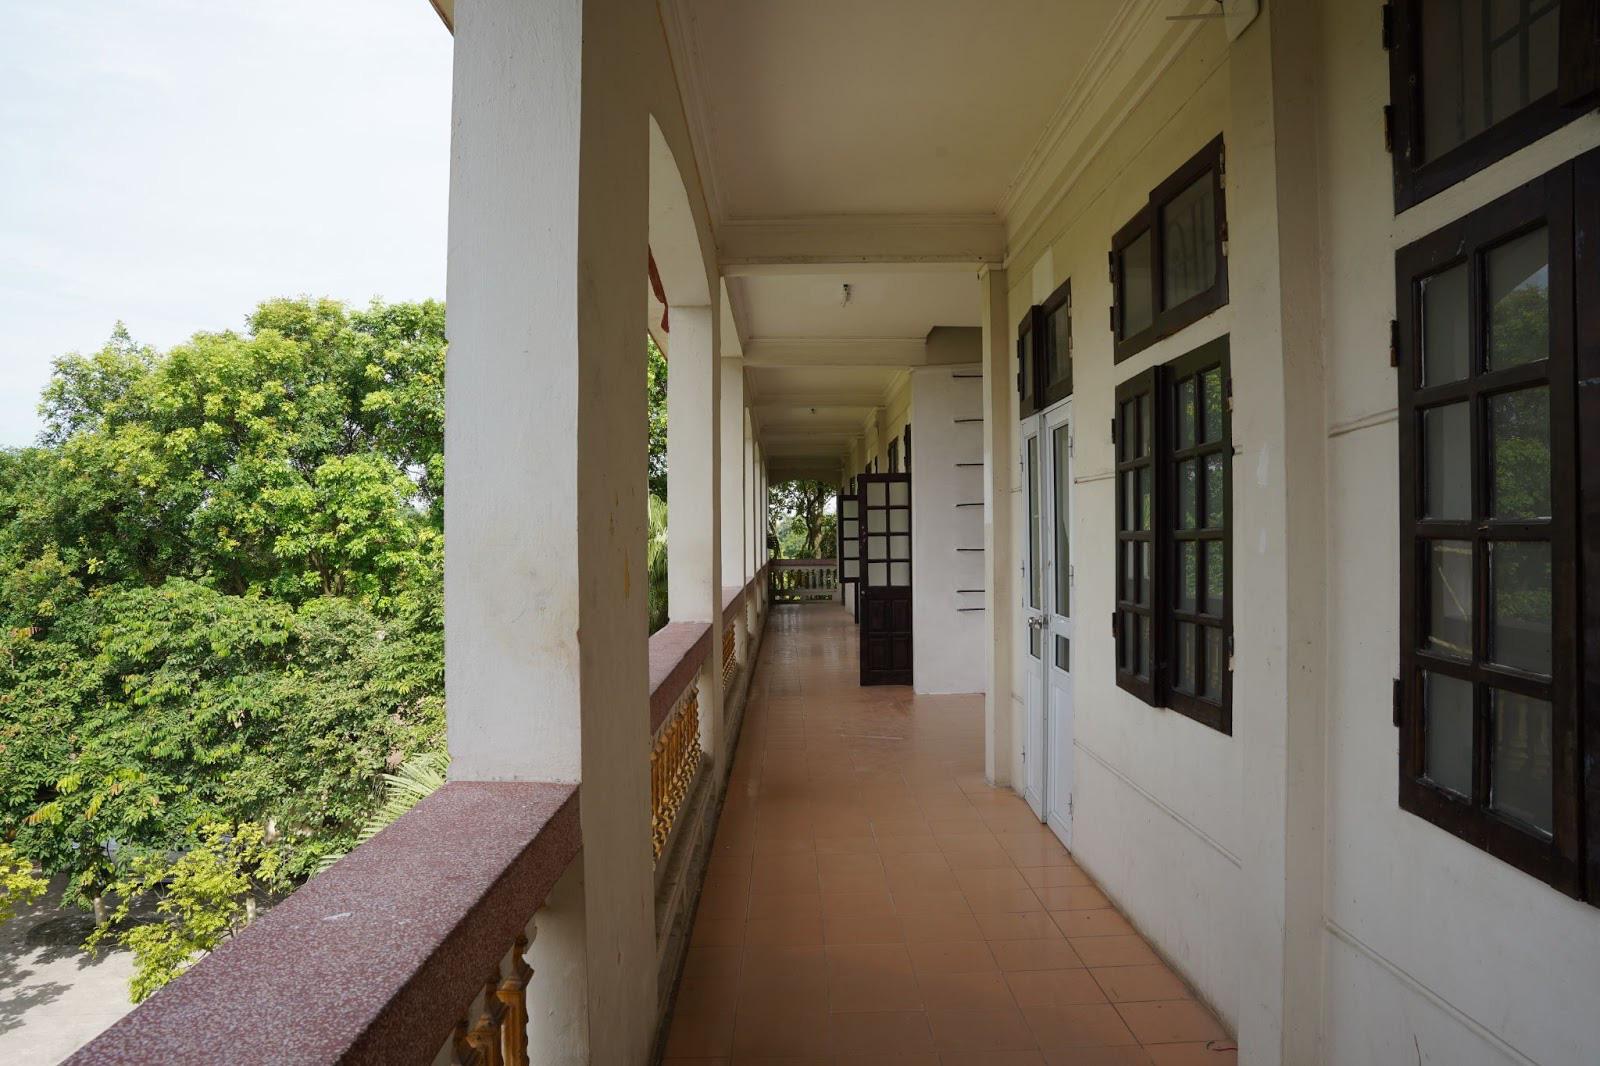 Diện mạo mới của ngôi trường 22 năm tuổi được đầu tư bởi Hệ thống giáo dục CEO Việt Nam High School - Ảnh 4.